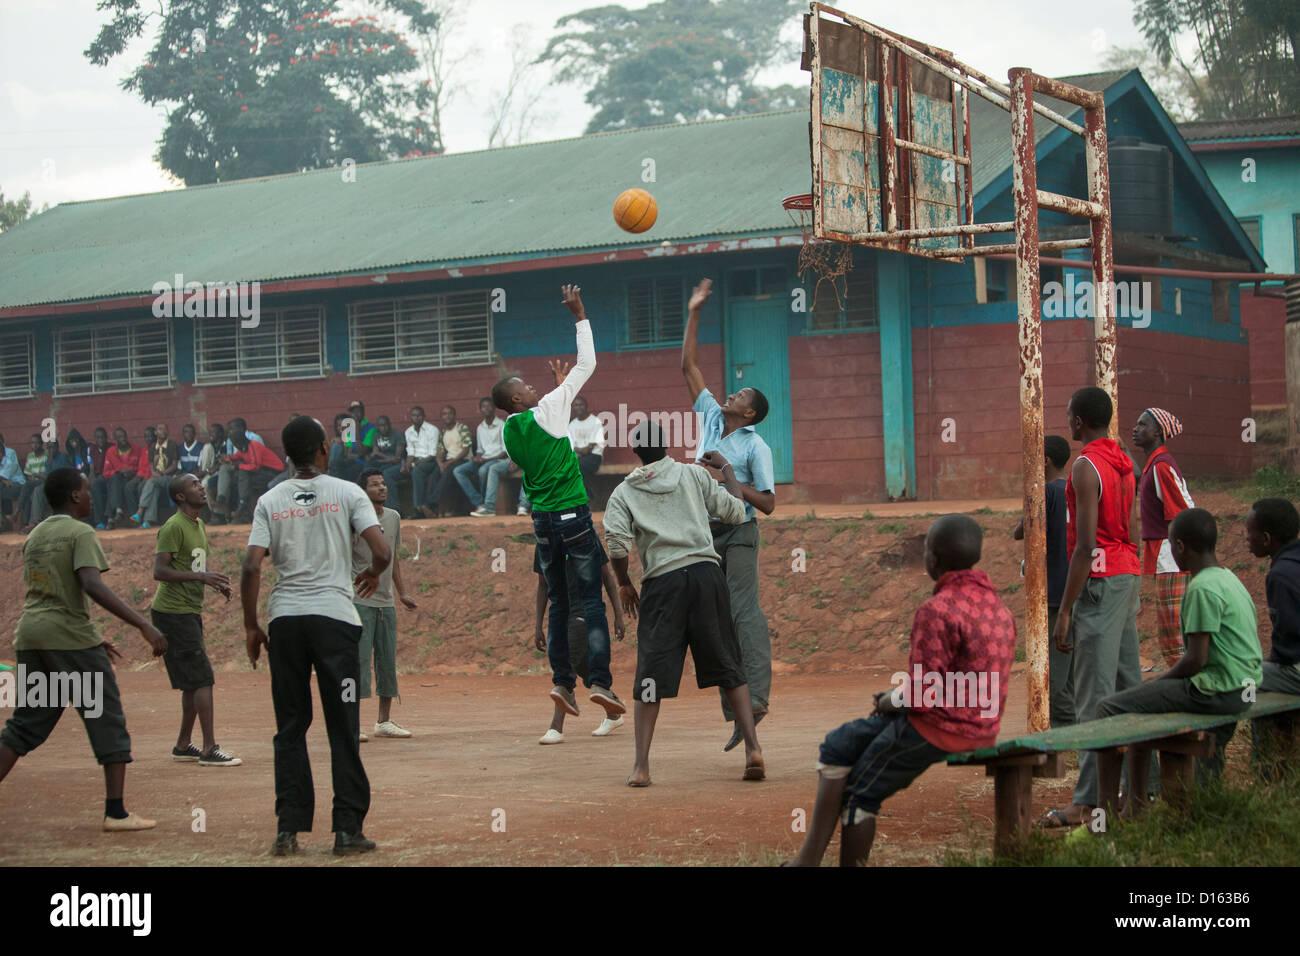 Los estudiantes de secundaria a jugar baloncesto después de clases en Nyeri, Kenia, África Oriental. Imagen De Stock